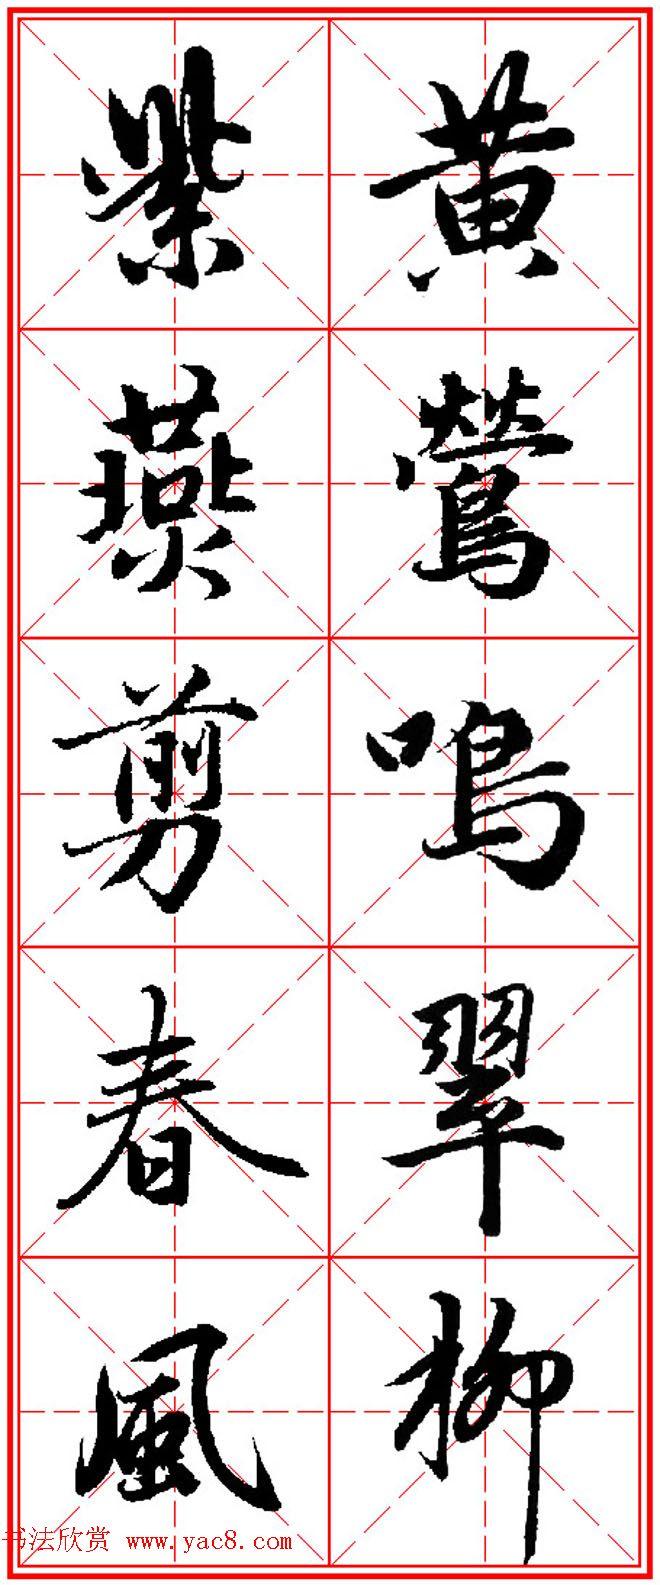 猴年春联书法欣赏 集赵孟頫行书字体五言对联 第4页 书法专题 书法欣赏图片